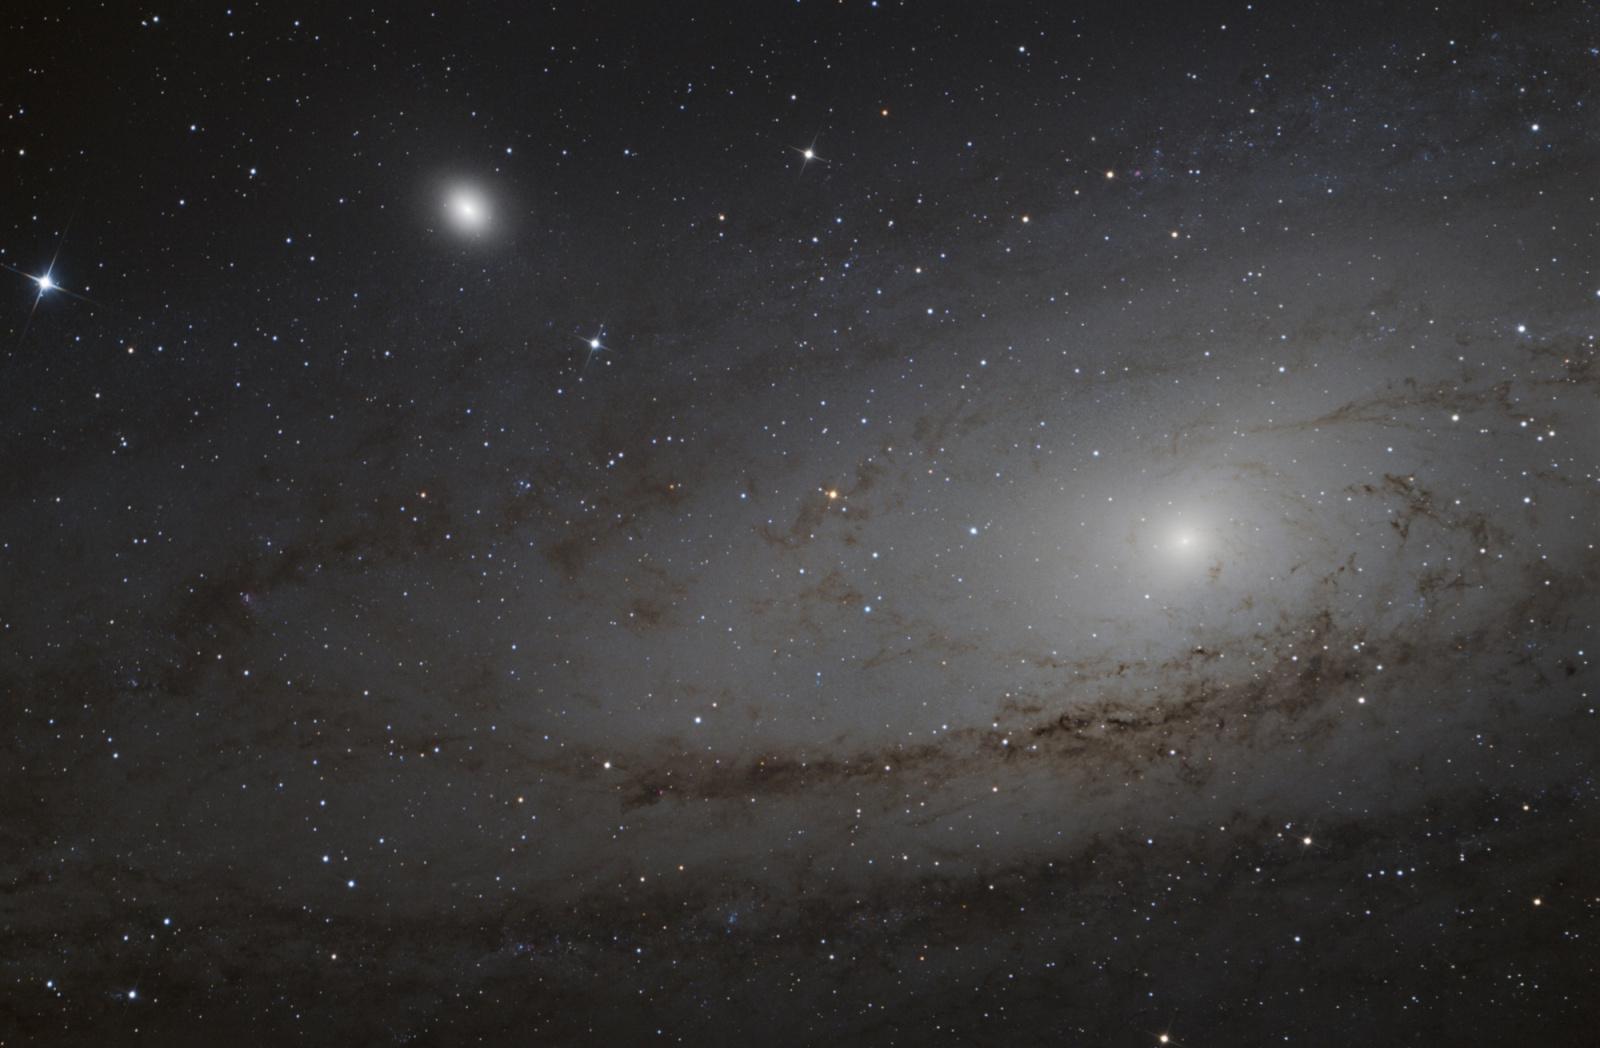 M31_102xaA.jpg